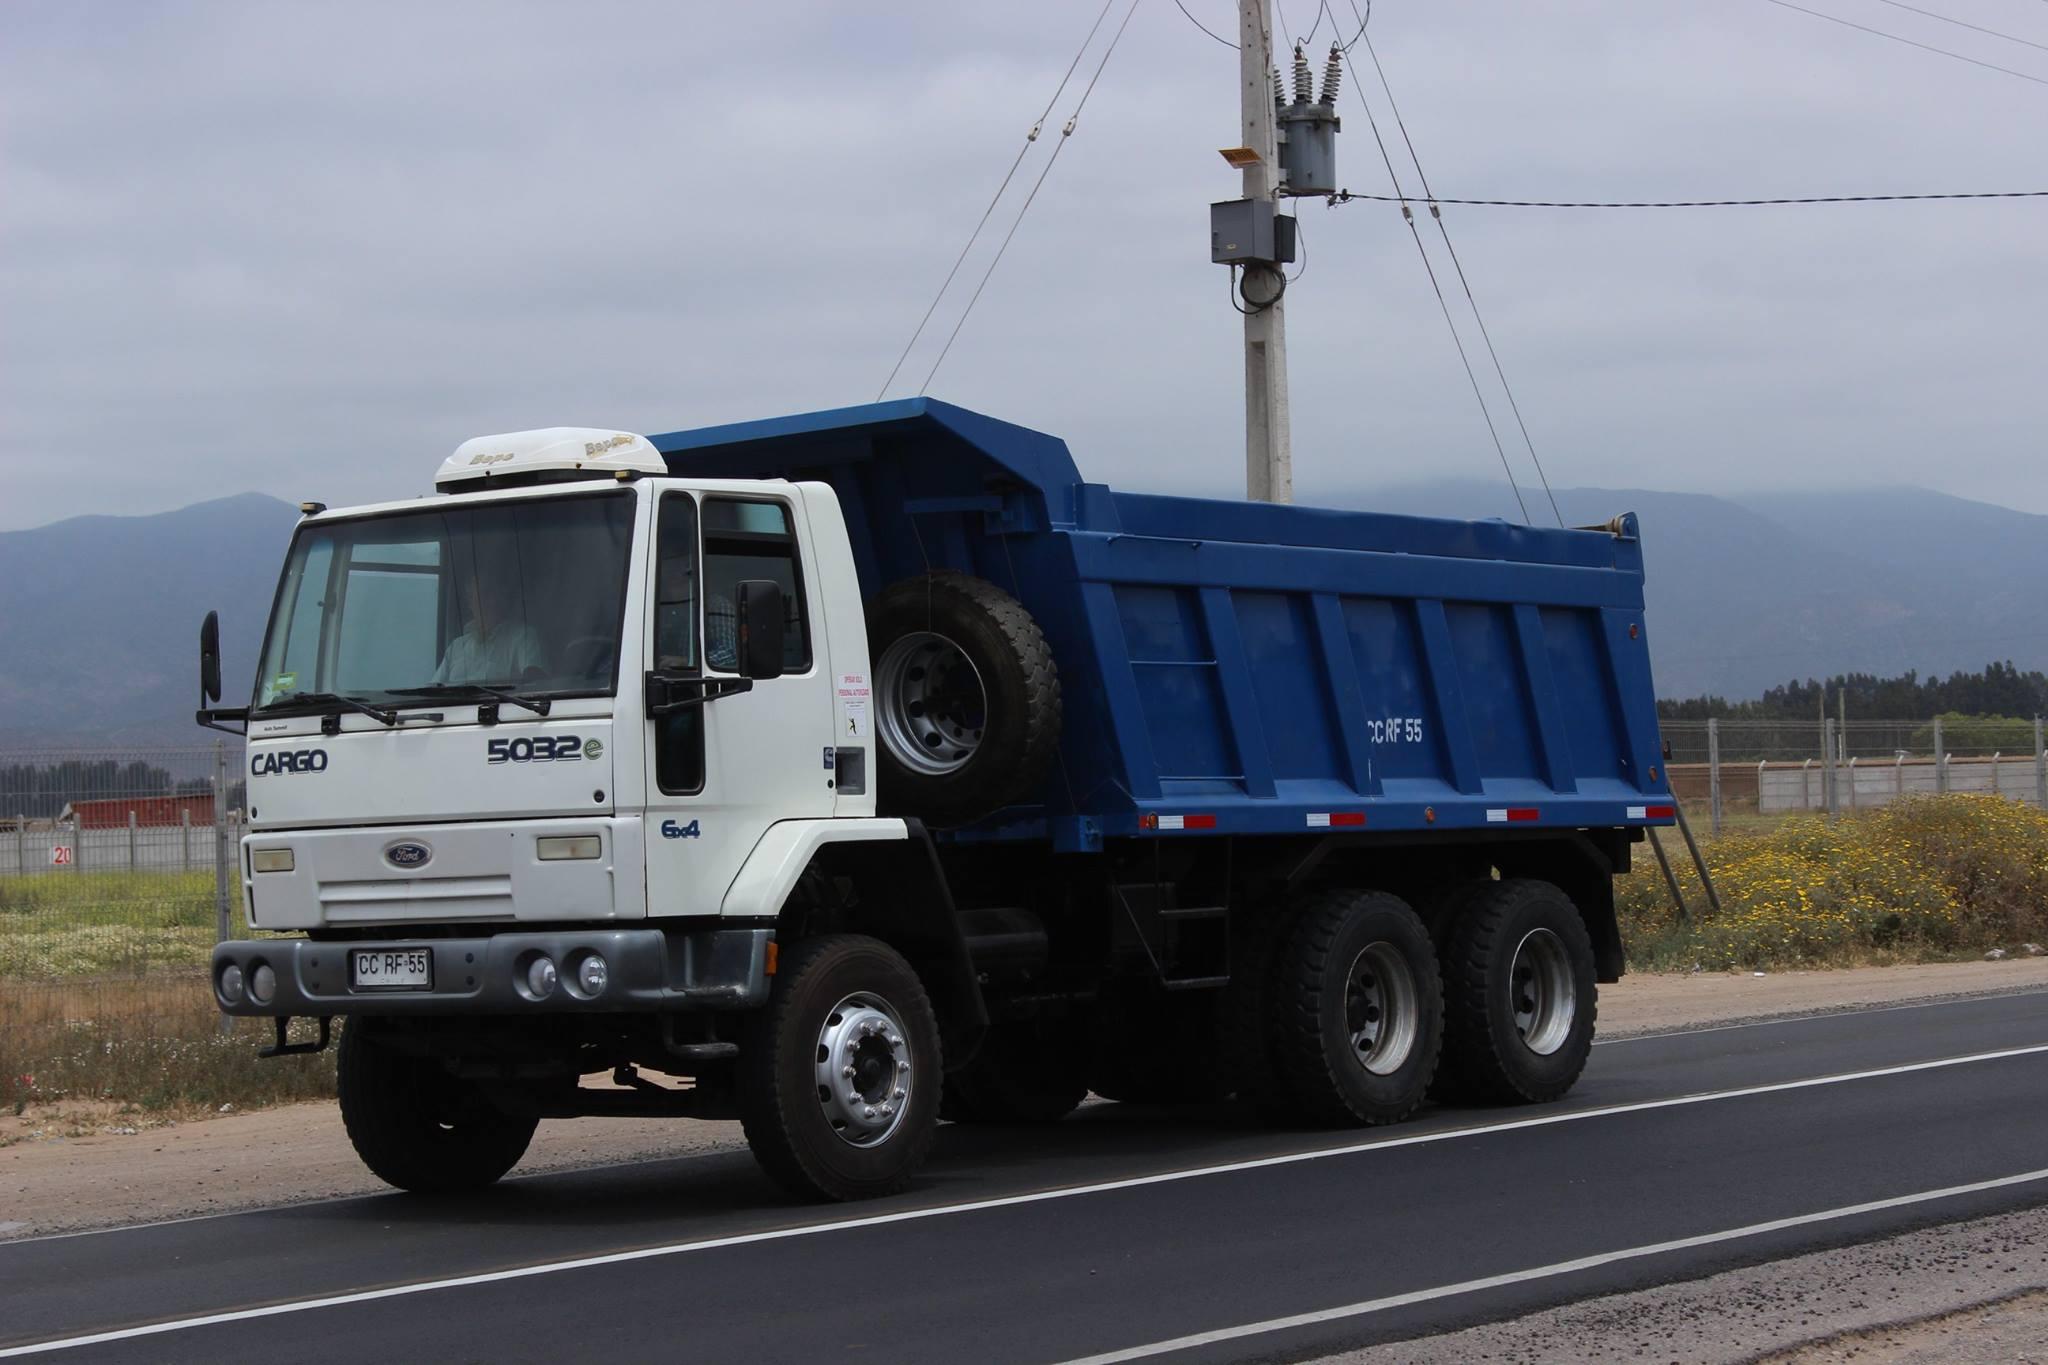 Ford-Cargo-5032E--2010